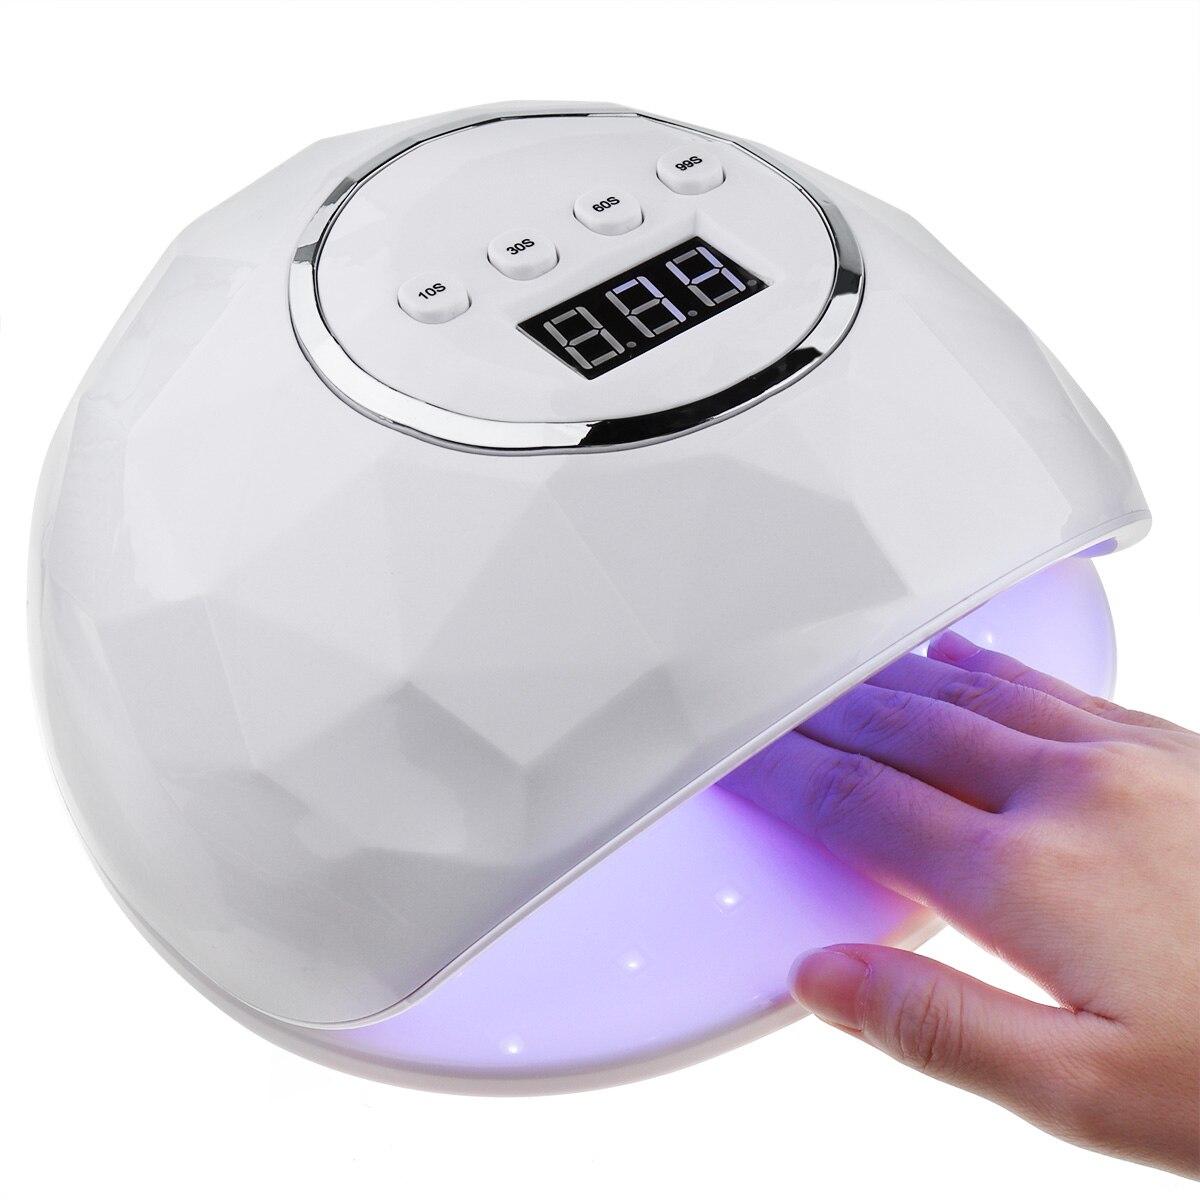 86 Вт УФ светодиодный светильник для дизайна ногтей сушилка 39 шт. светодиодный Гель-лак быстрая лампа для сушки ногтей умный автоматический ...